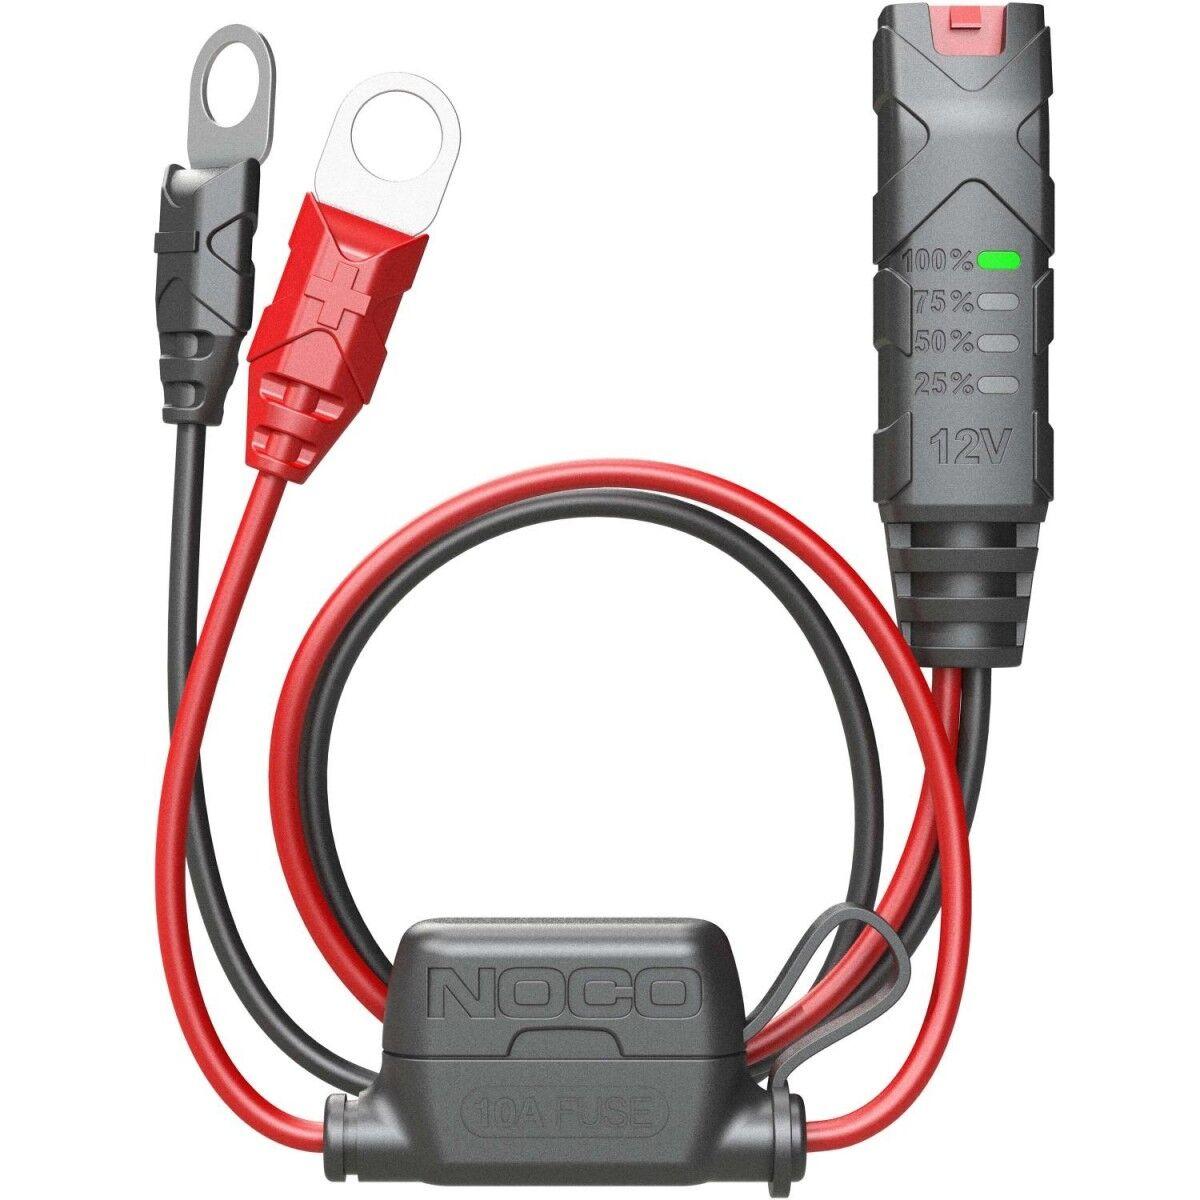 Noco GC015 Eyelet Akun latauskaapeli + LED indikaattori